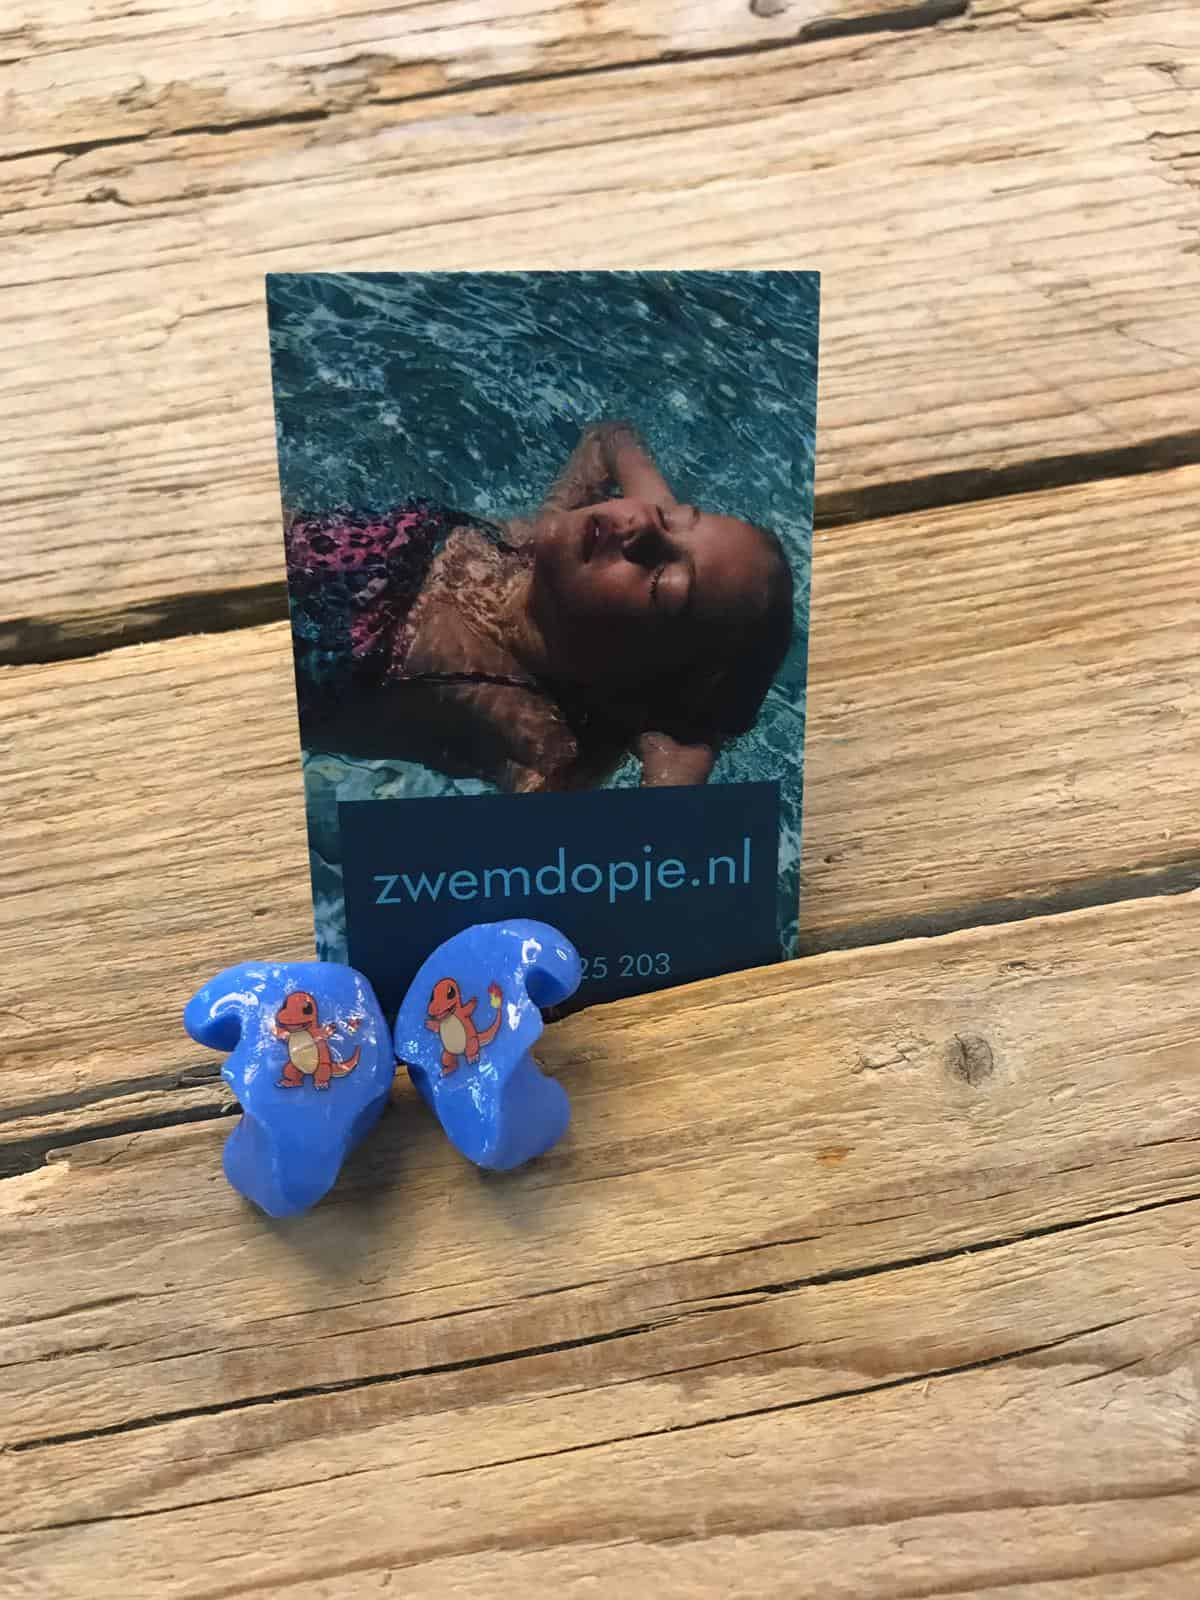 Oordopjes om te zwemmen van zwemdopje.nl